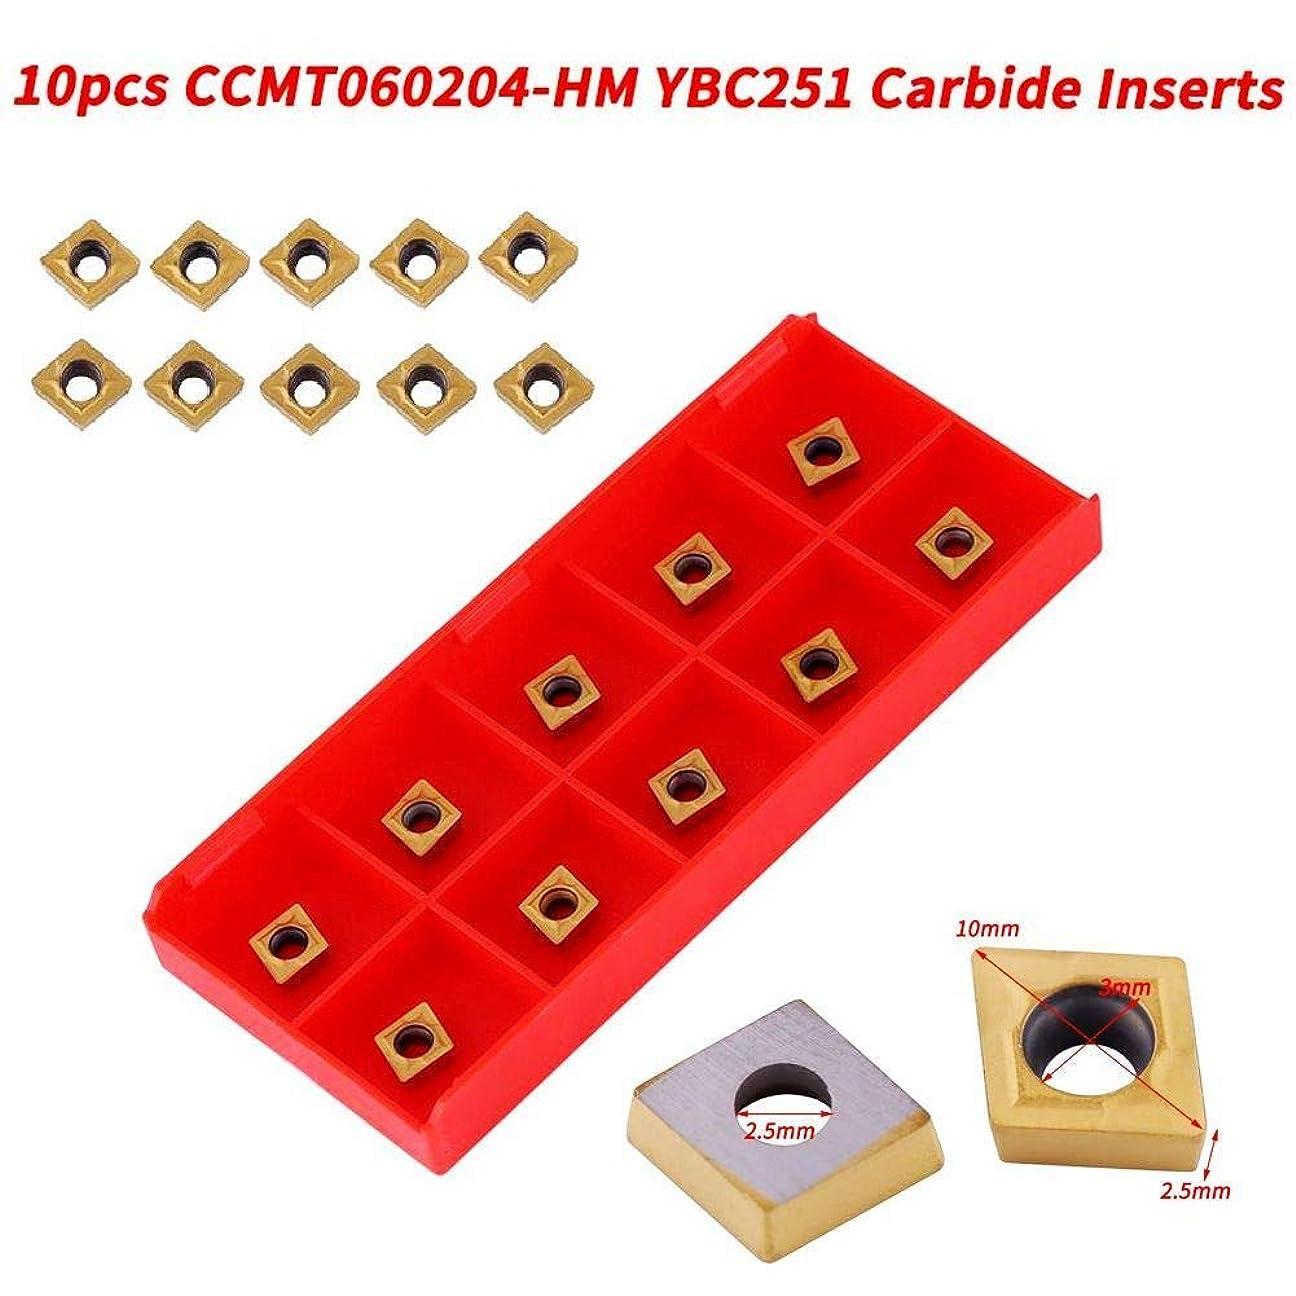 テーブルを設定する脇にお風呂を持っているHXC-HXC 10×CNCカーバイドのヒントを挿入し、CCMT060204-HM YBC251ブレードカッター旋盤は半仕上げのスチール、ゴールド、高強度、高靭性、10×6×2.5ミリメートルのためのツールでボックスをオンにします 鋸刃